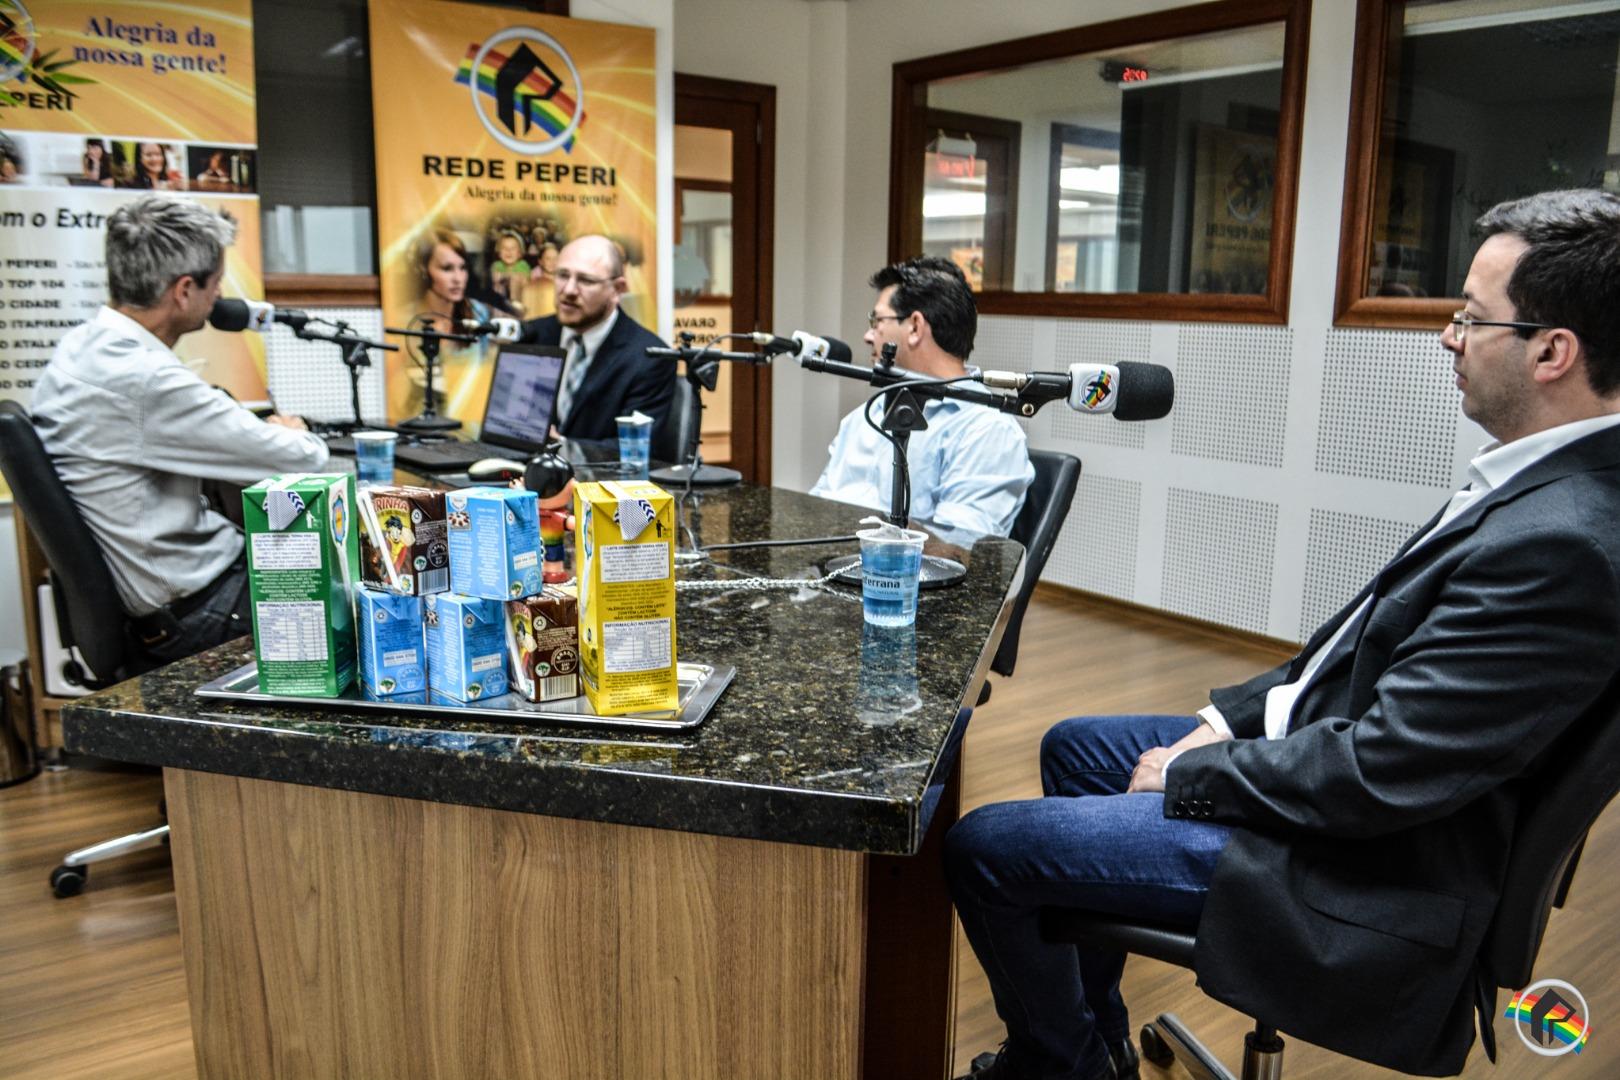 ESPECIAL: Peperi Debates fala sobre Eleições 2018